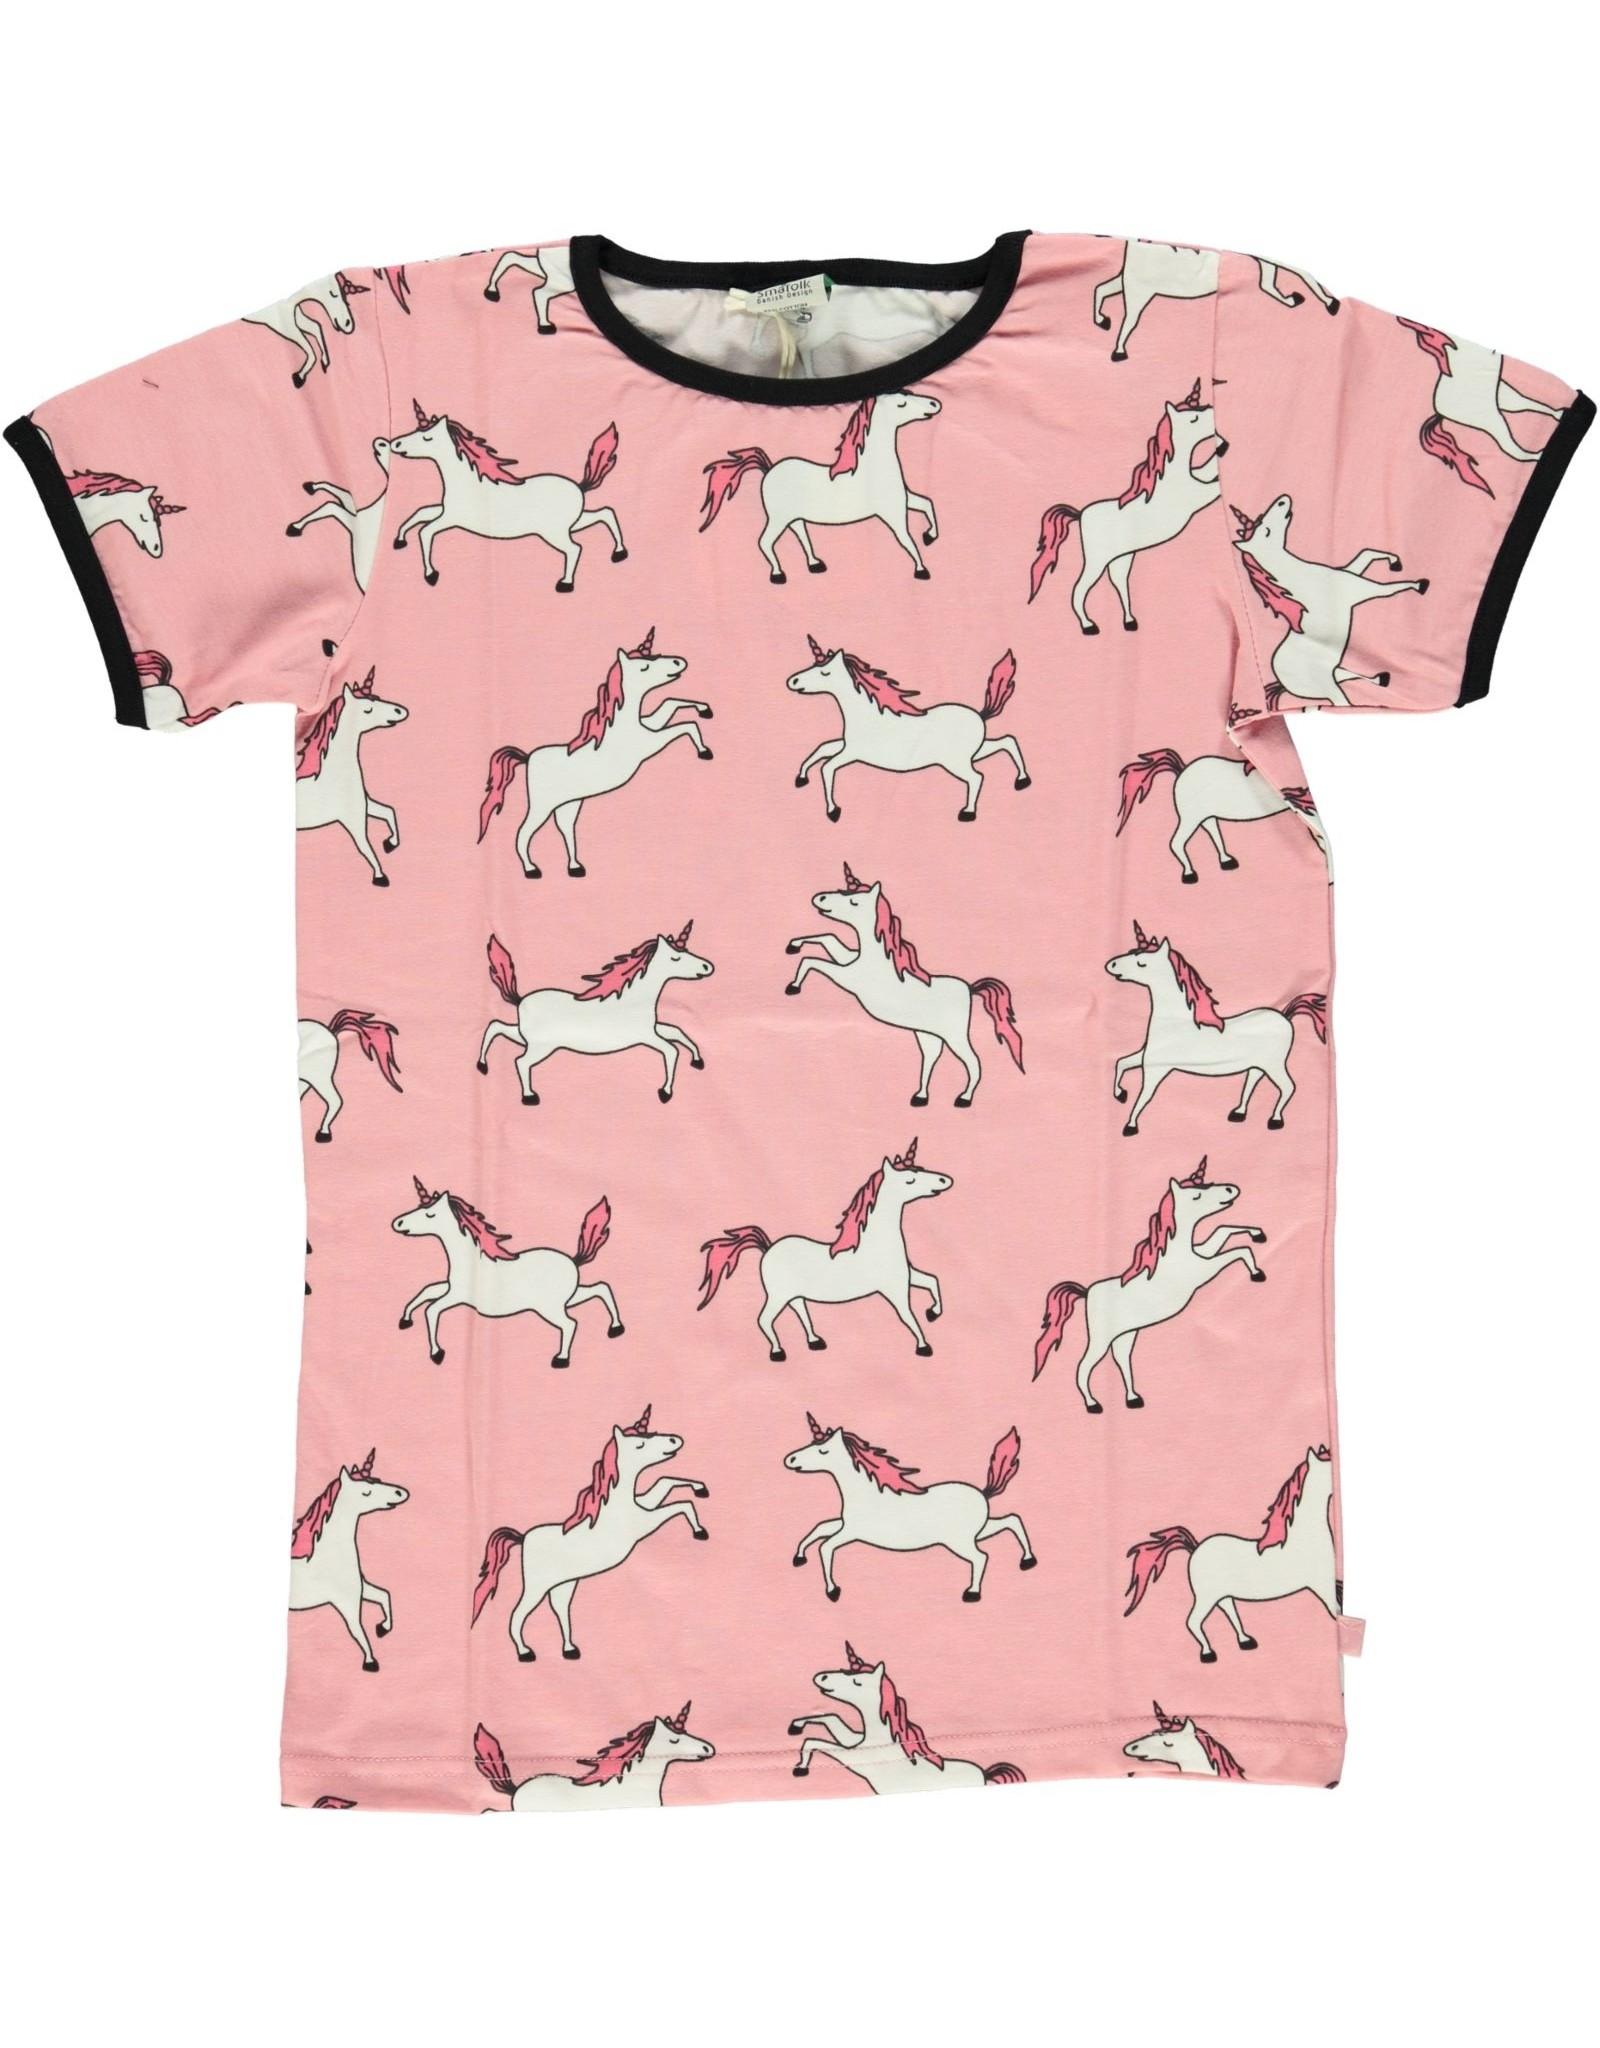 Smafolk Kinder t-shirt - roze eenhoorn